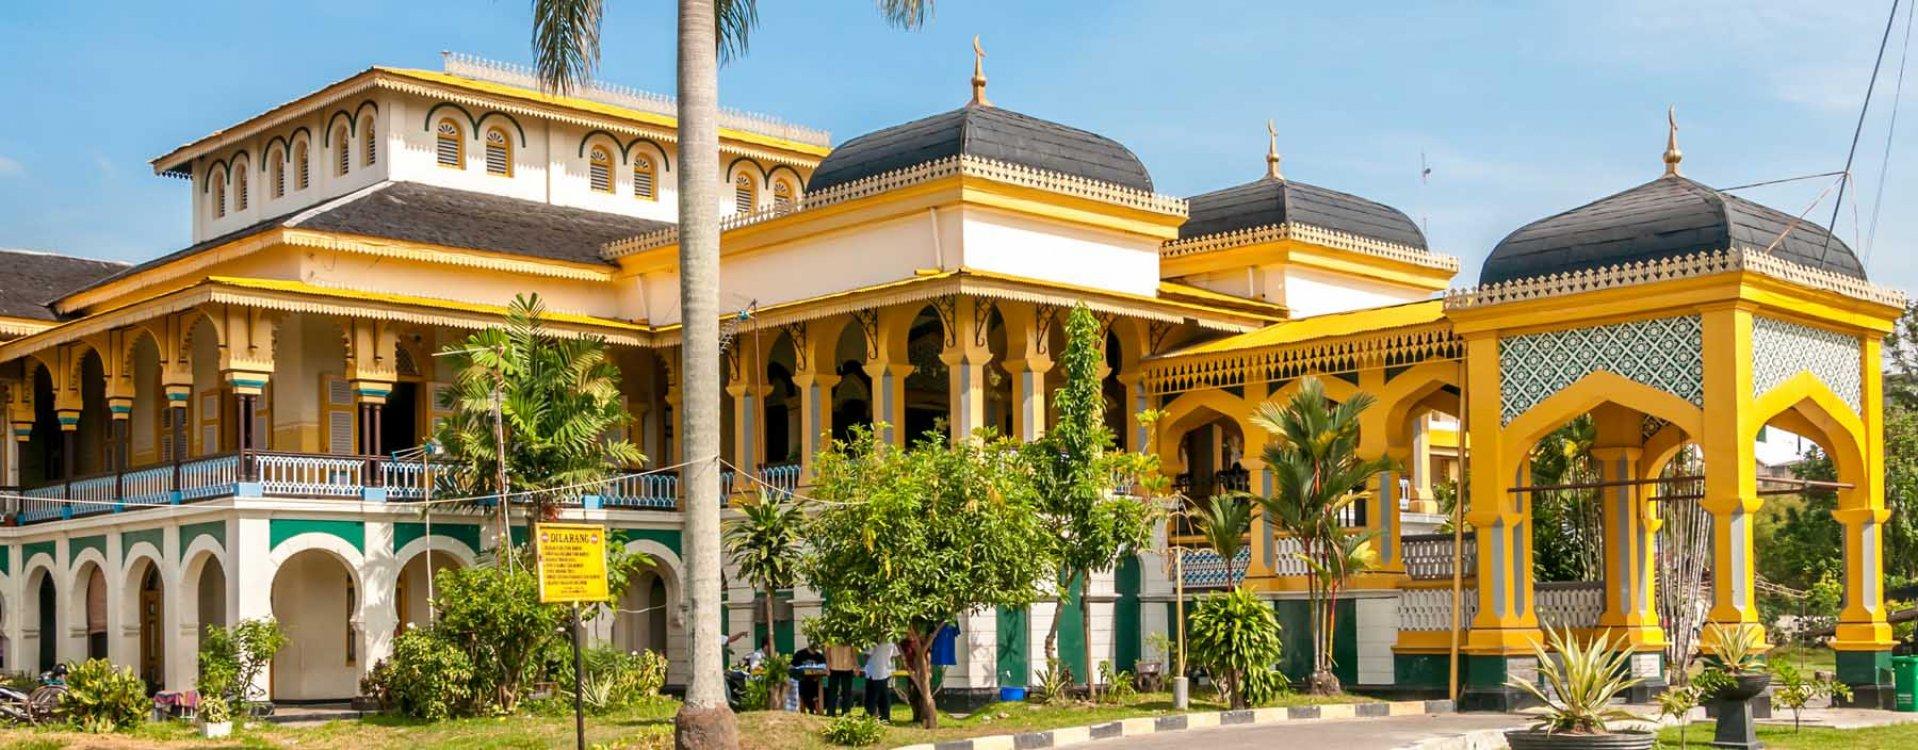 Maimun paleis, Medan, Sumatra